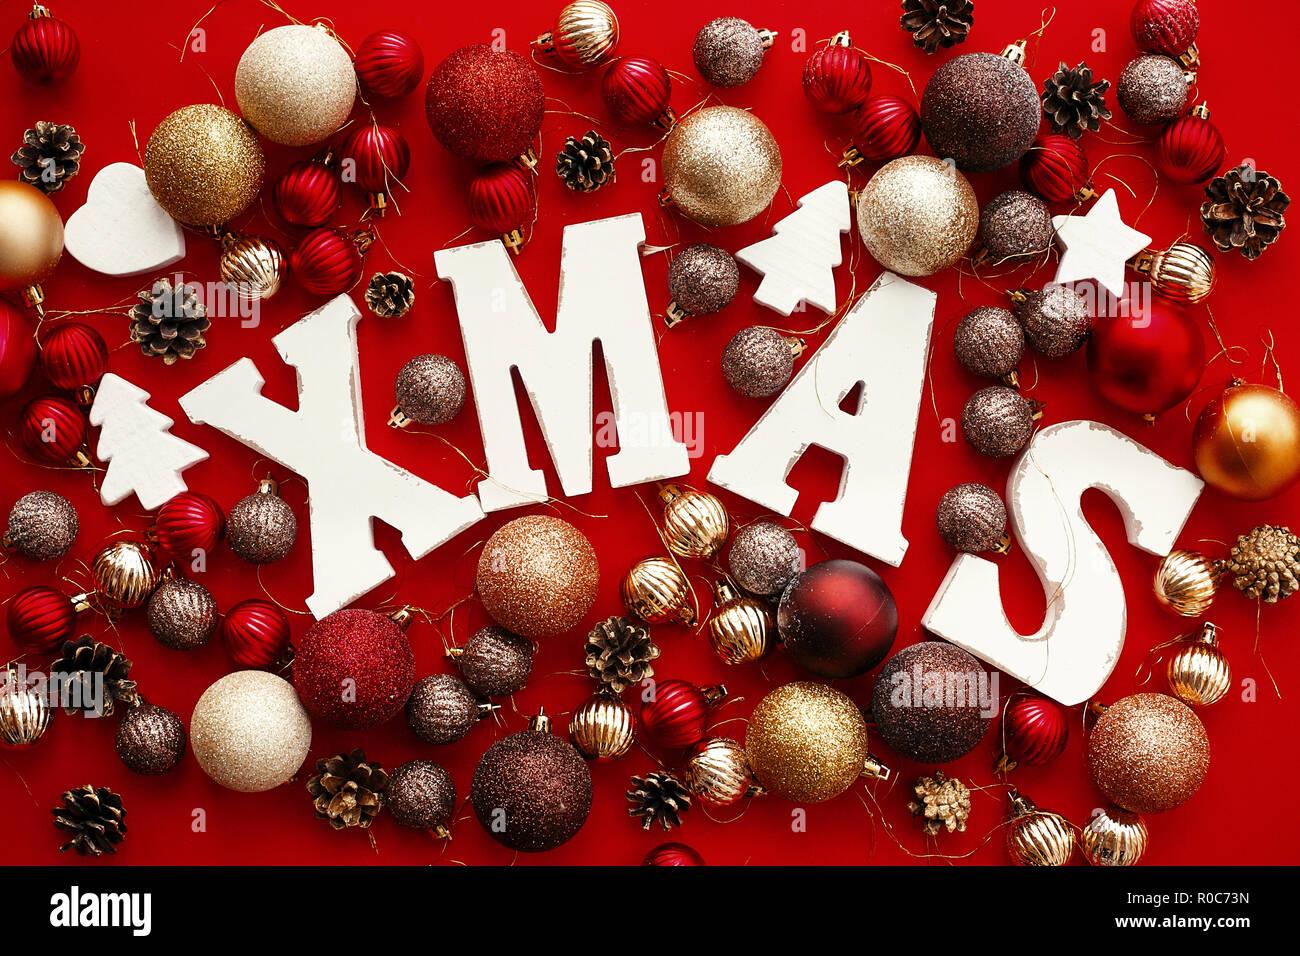 Foto Con Auguri Di Buon Natale.Auguri Di Buon Natale Xmas Parola Di Legno Con Rosso E Oro